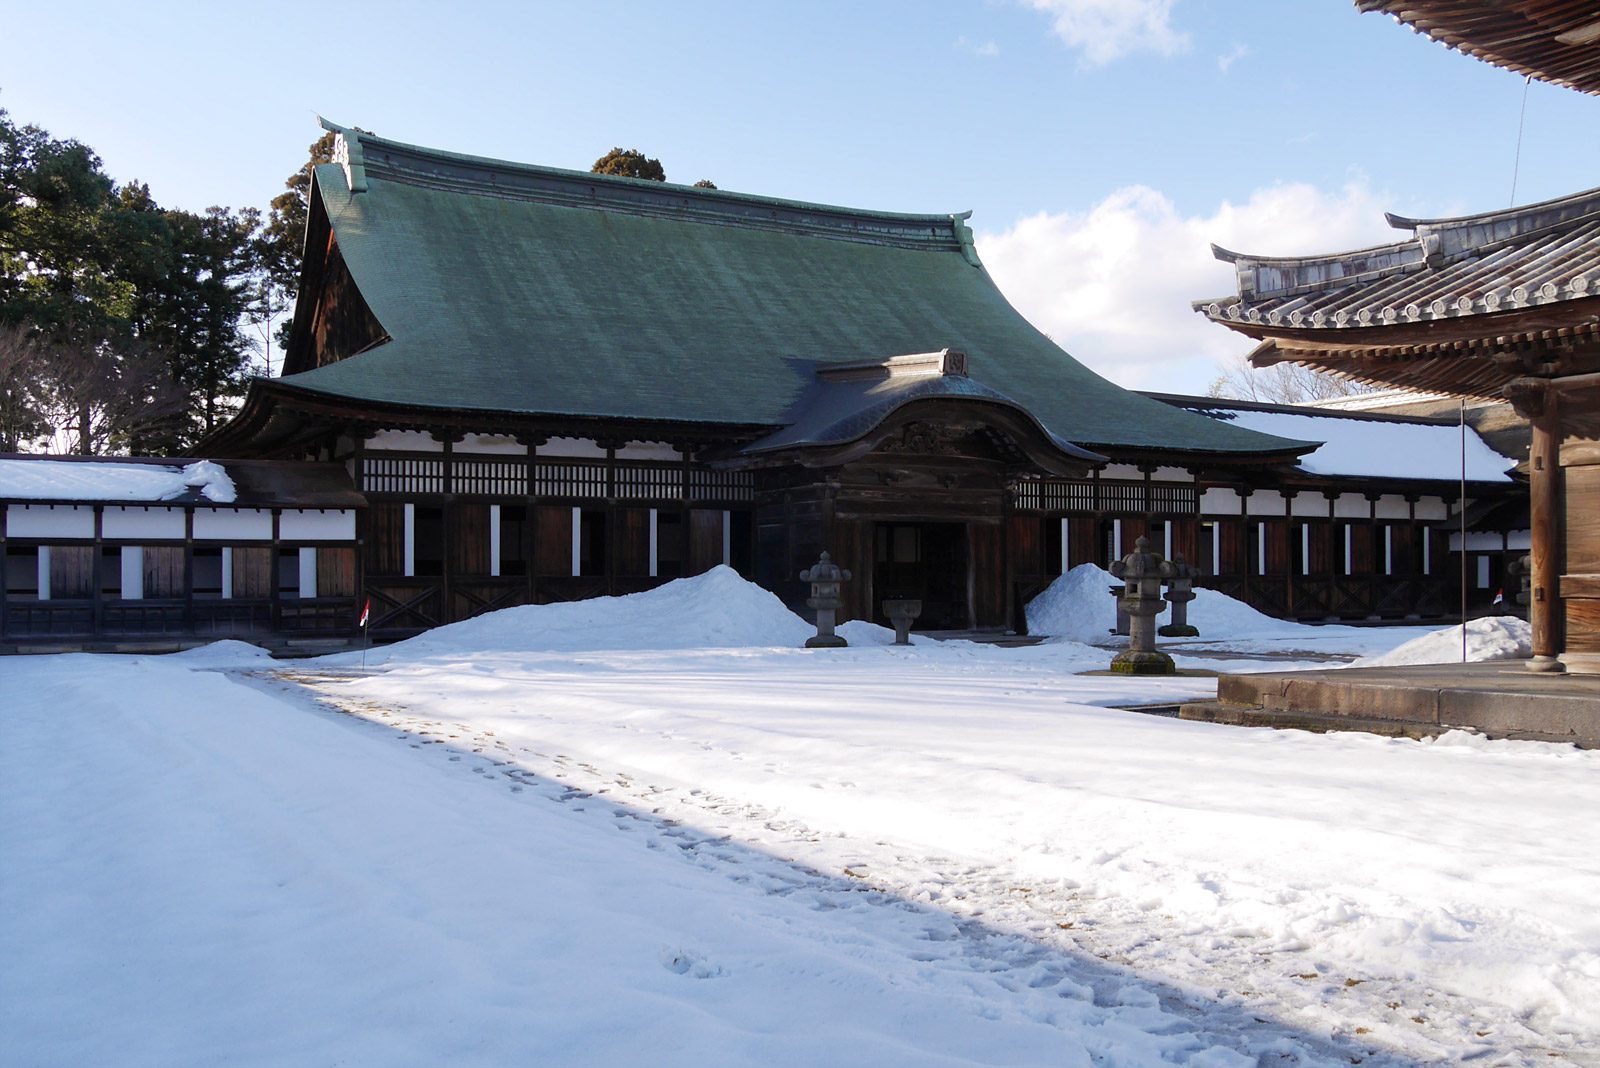 高岡山 瑞龍寺